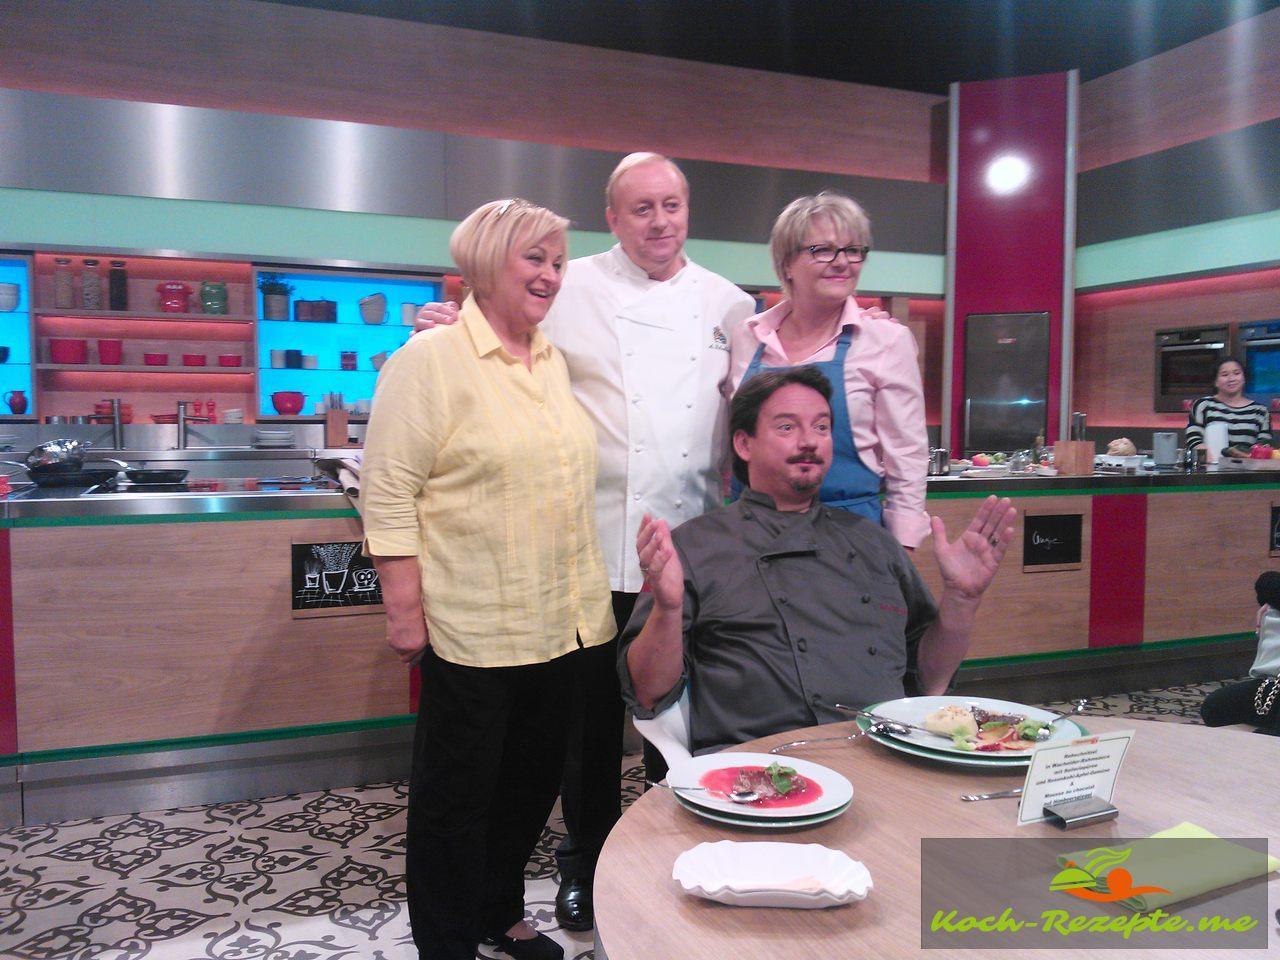 Finalistin Der Kuchenschlacht Monika Und Angie